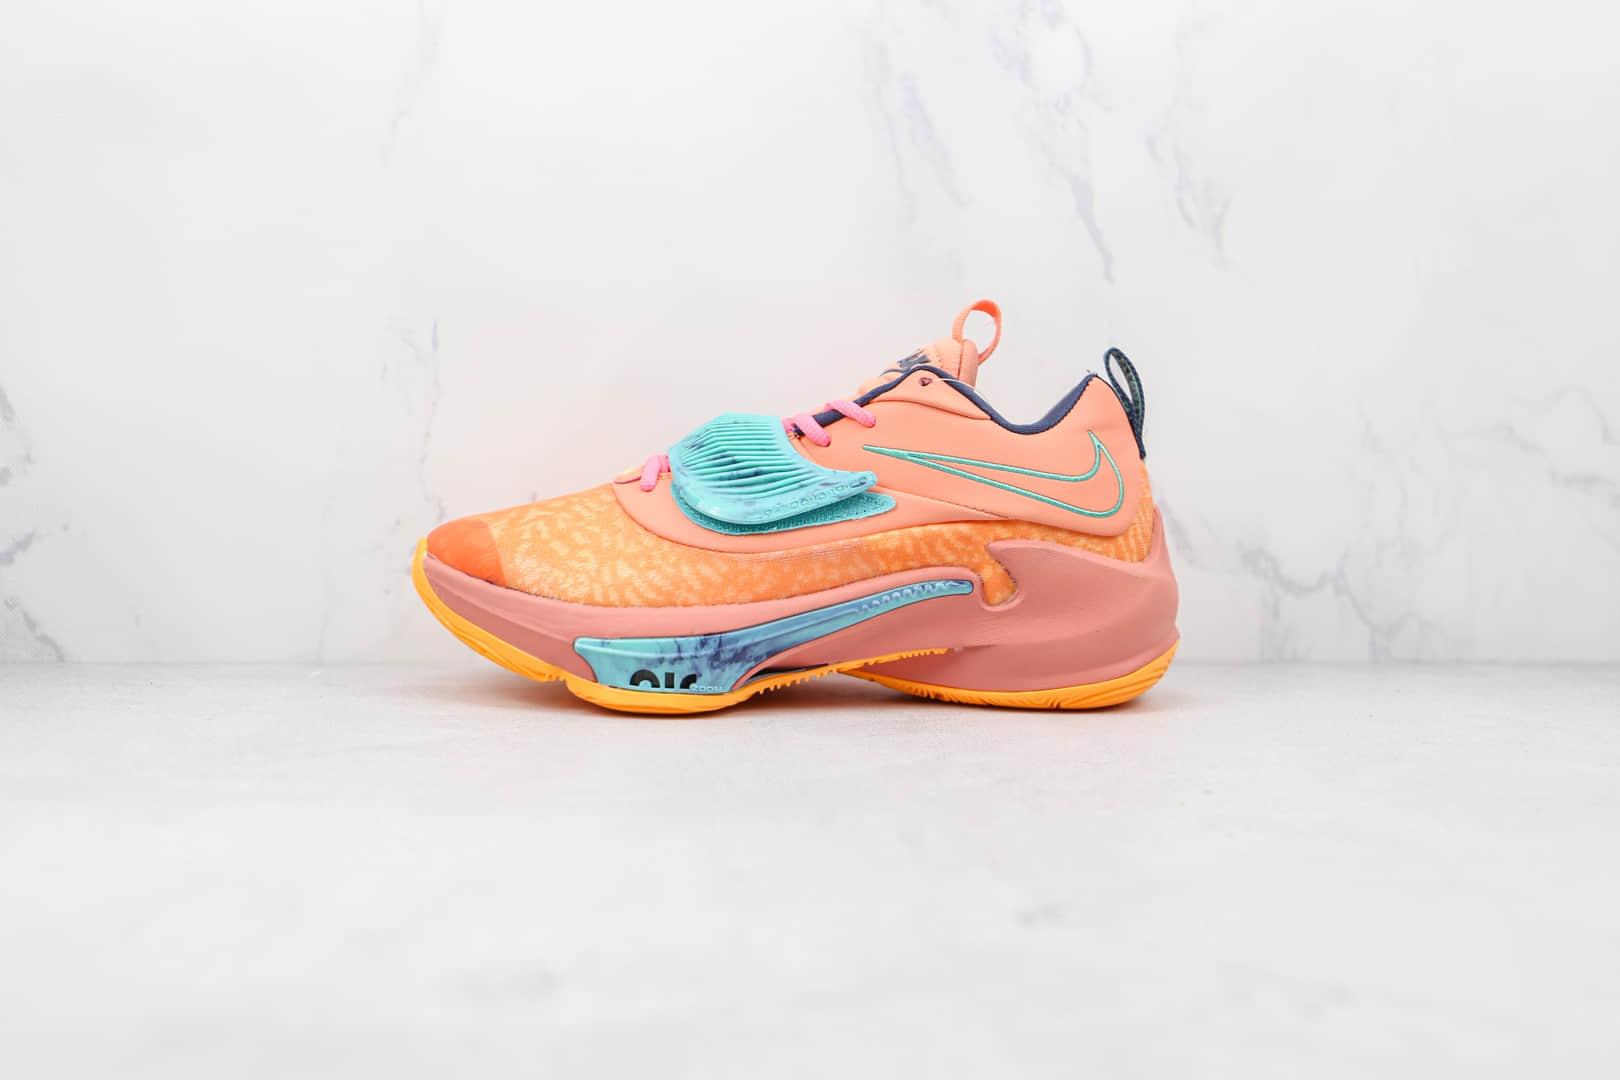 纯原版本耐克字母哥三代桔粉蓝色实战篮球鞋出货